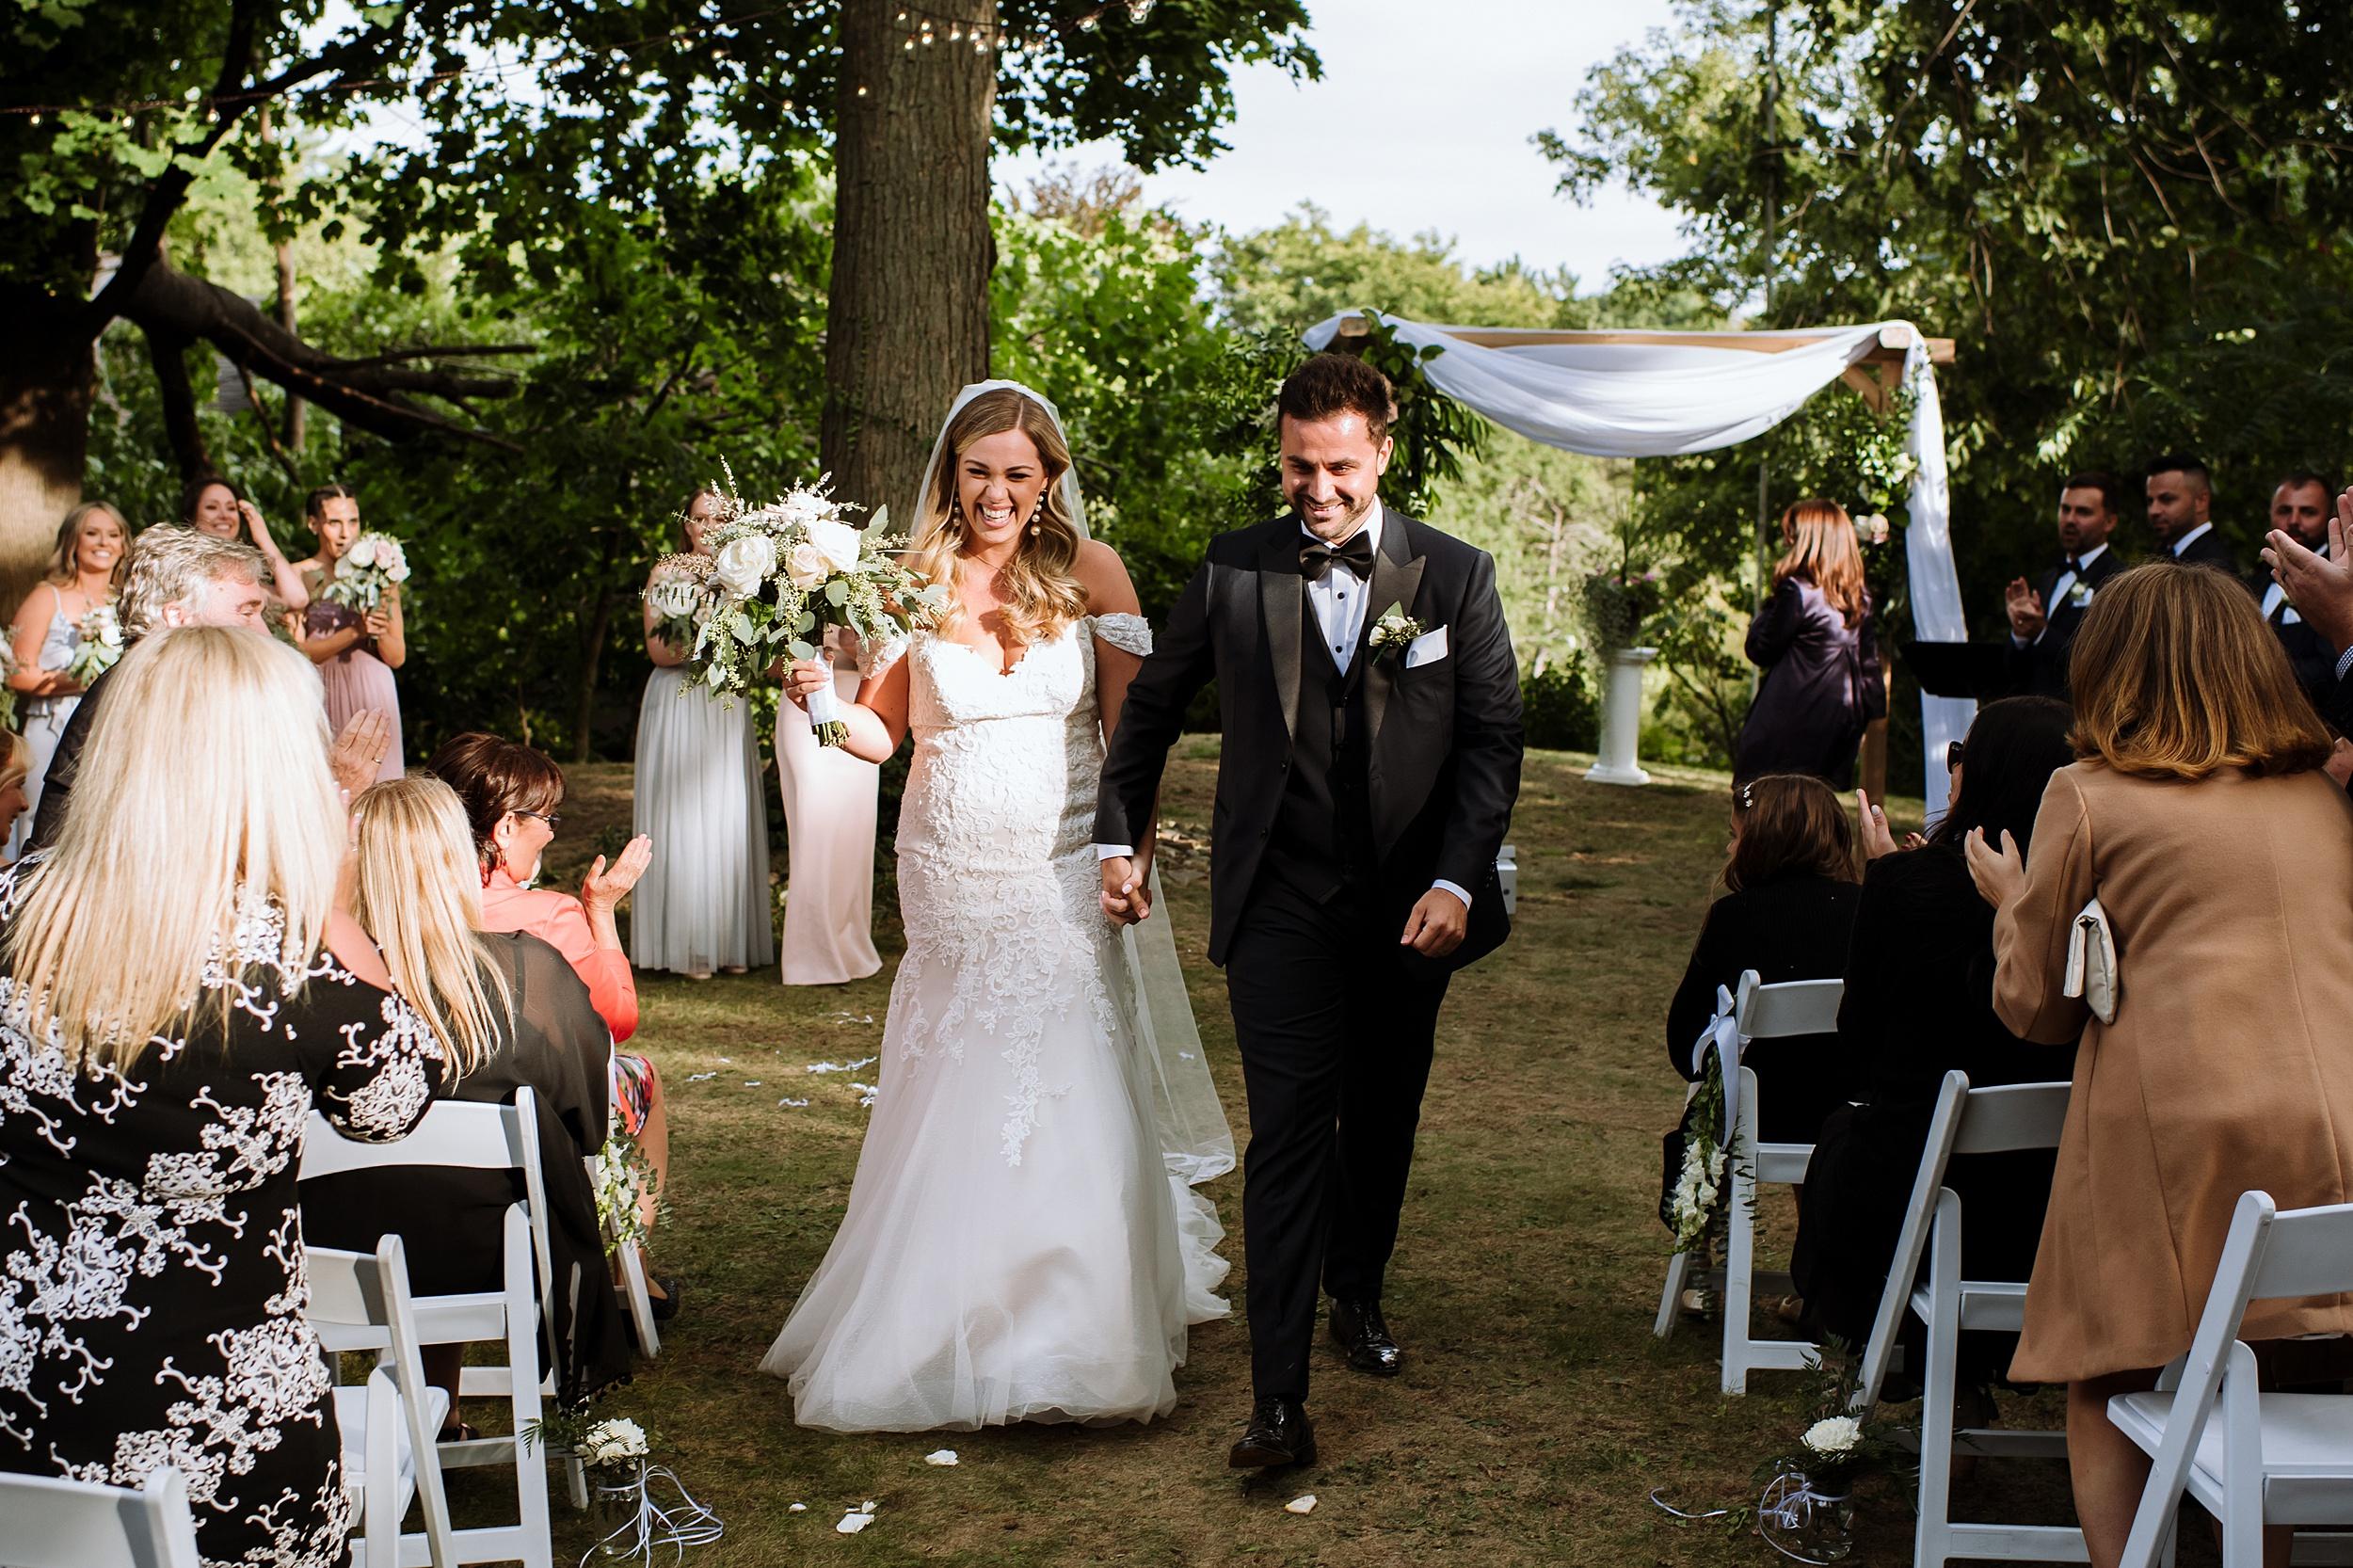 Rustic_Backyard_Wedding_Toronto_Photographer120.jpg